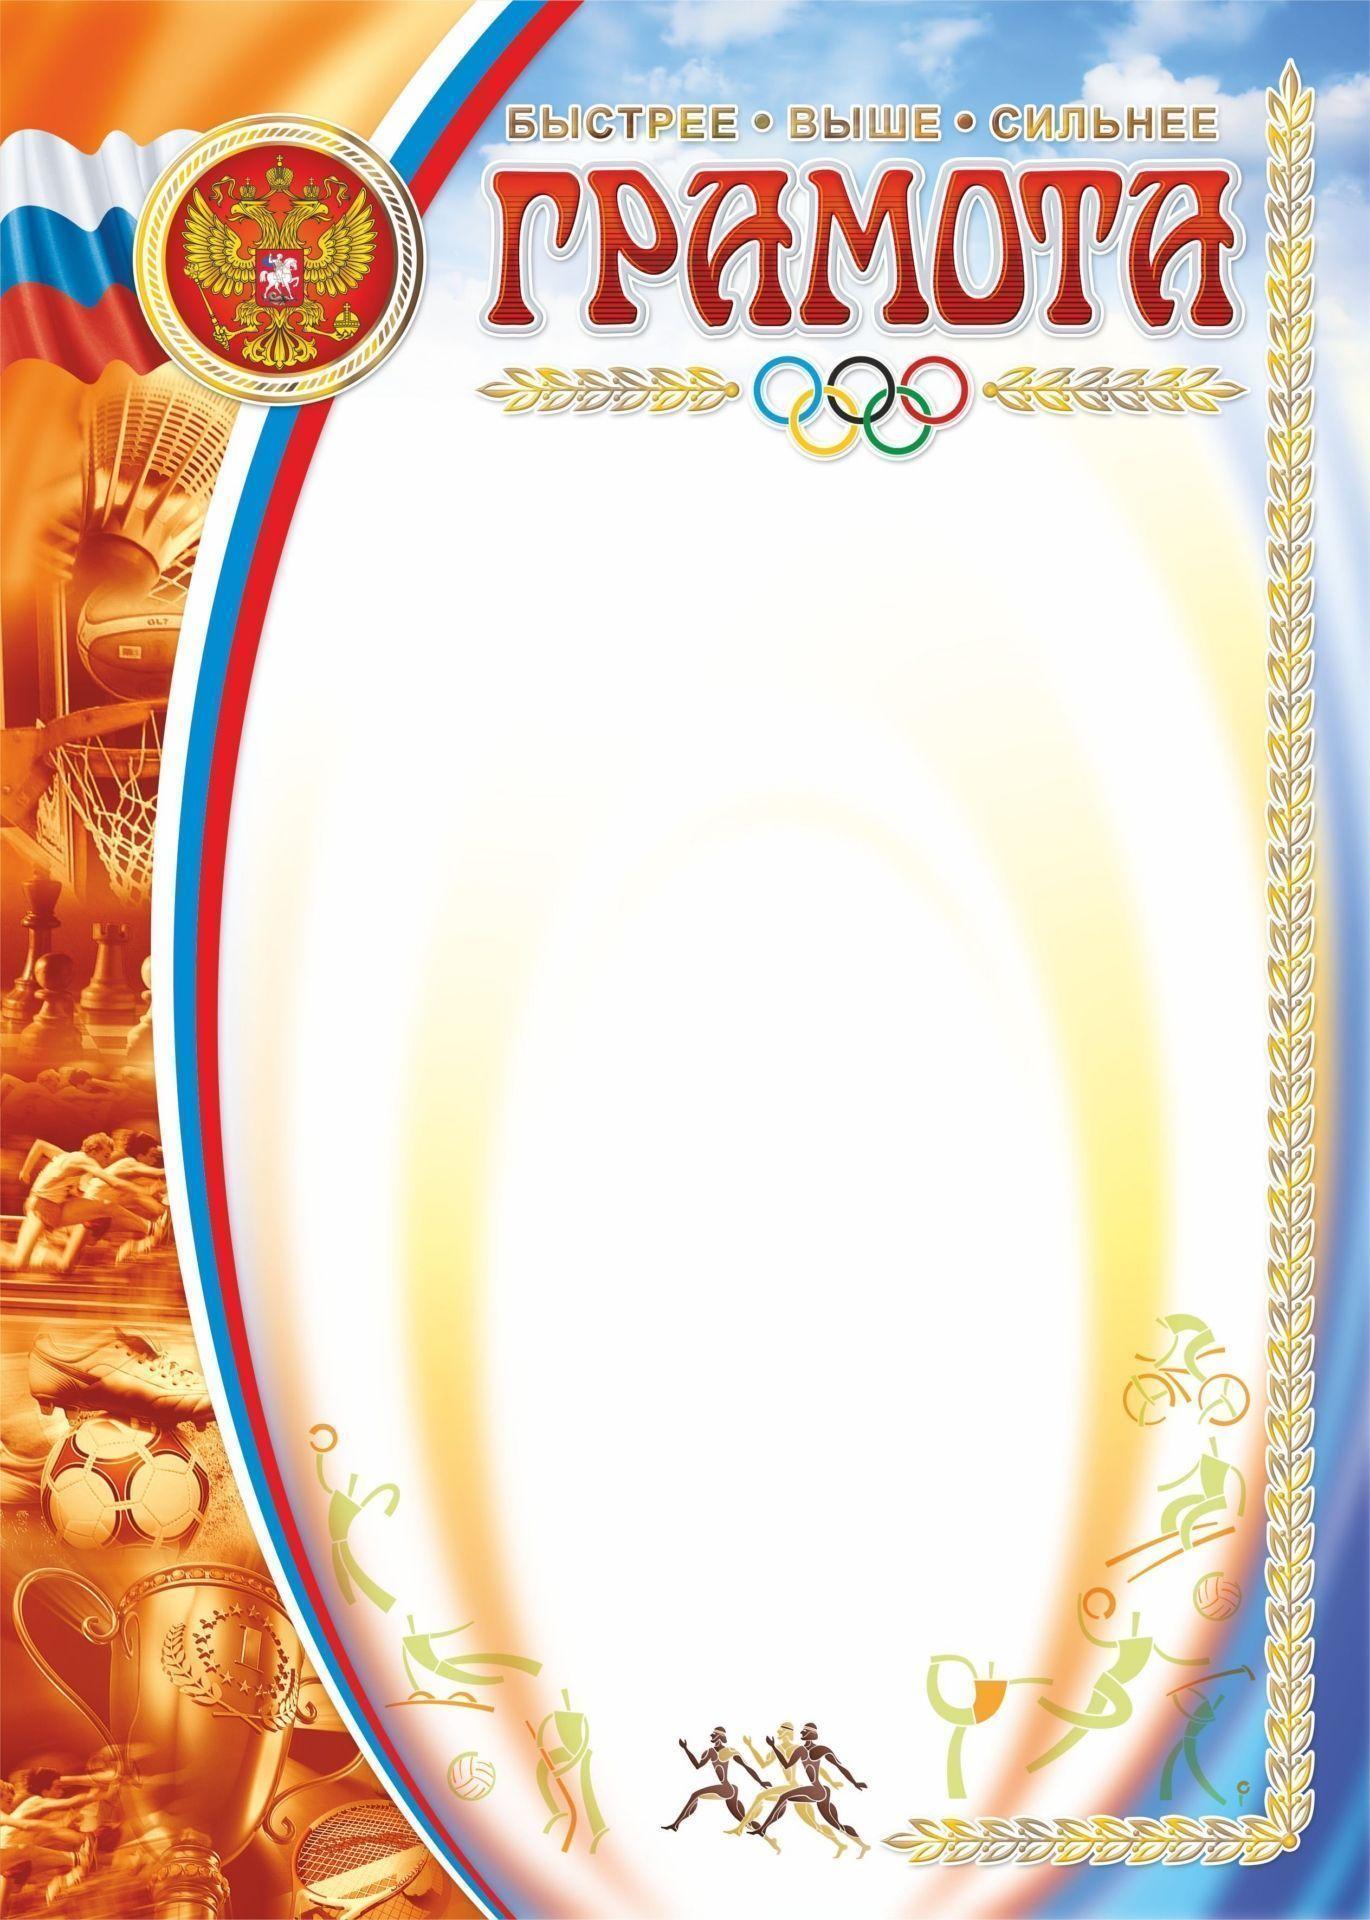 Грамота (УФ-лакирование) (спорт)За спортивные достижения<br>Материалы:на обложку - бумага мелованная, пл. 250.00.<br><br>Год: 2017<br>Высота: 296<br>Ширина: 210